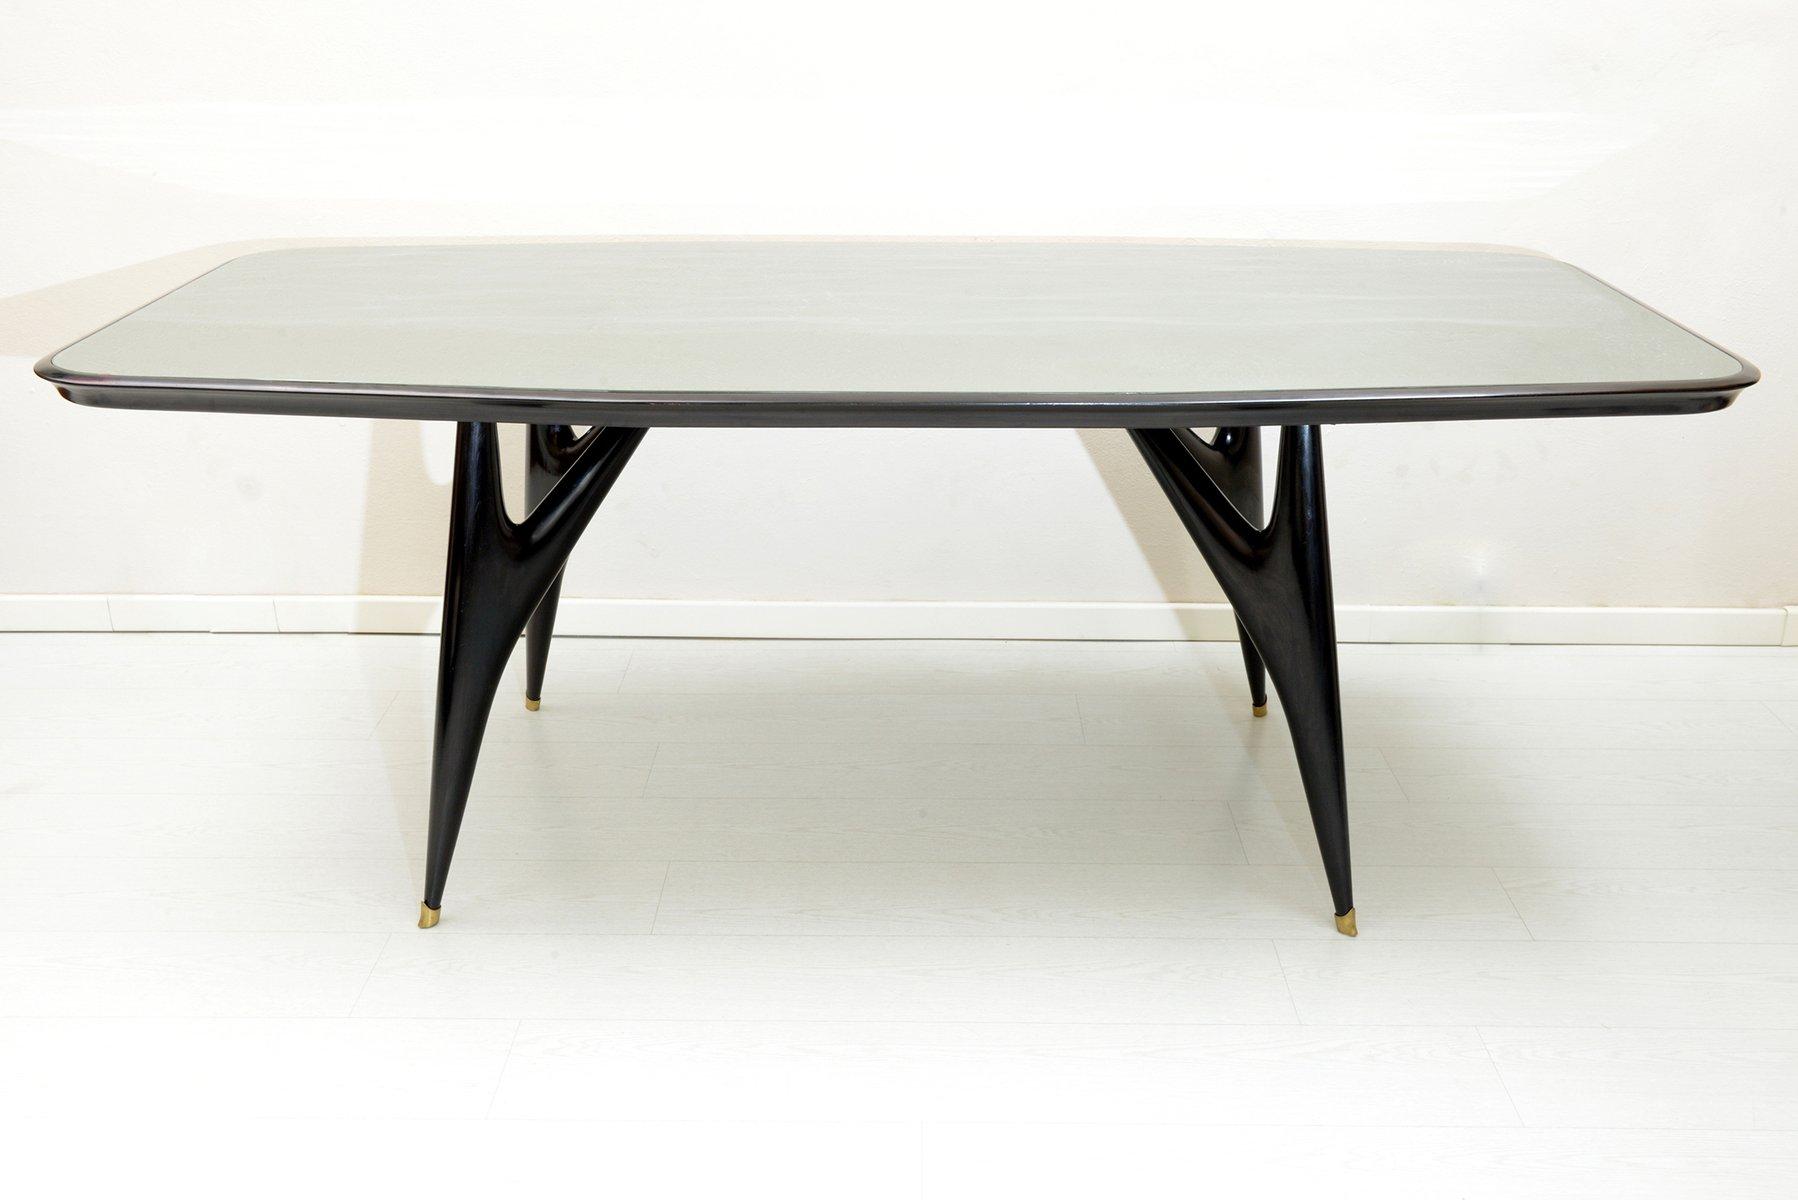 schwarzer italienischer holz esstisch 1950er bei pamono kaufen. Black Bedroom Furniture Sets. Home Design Ideas